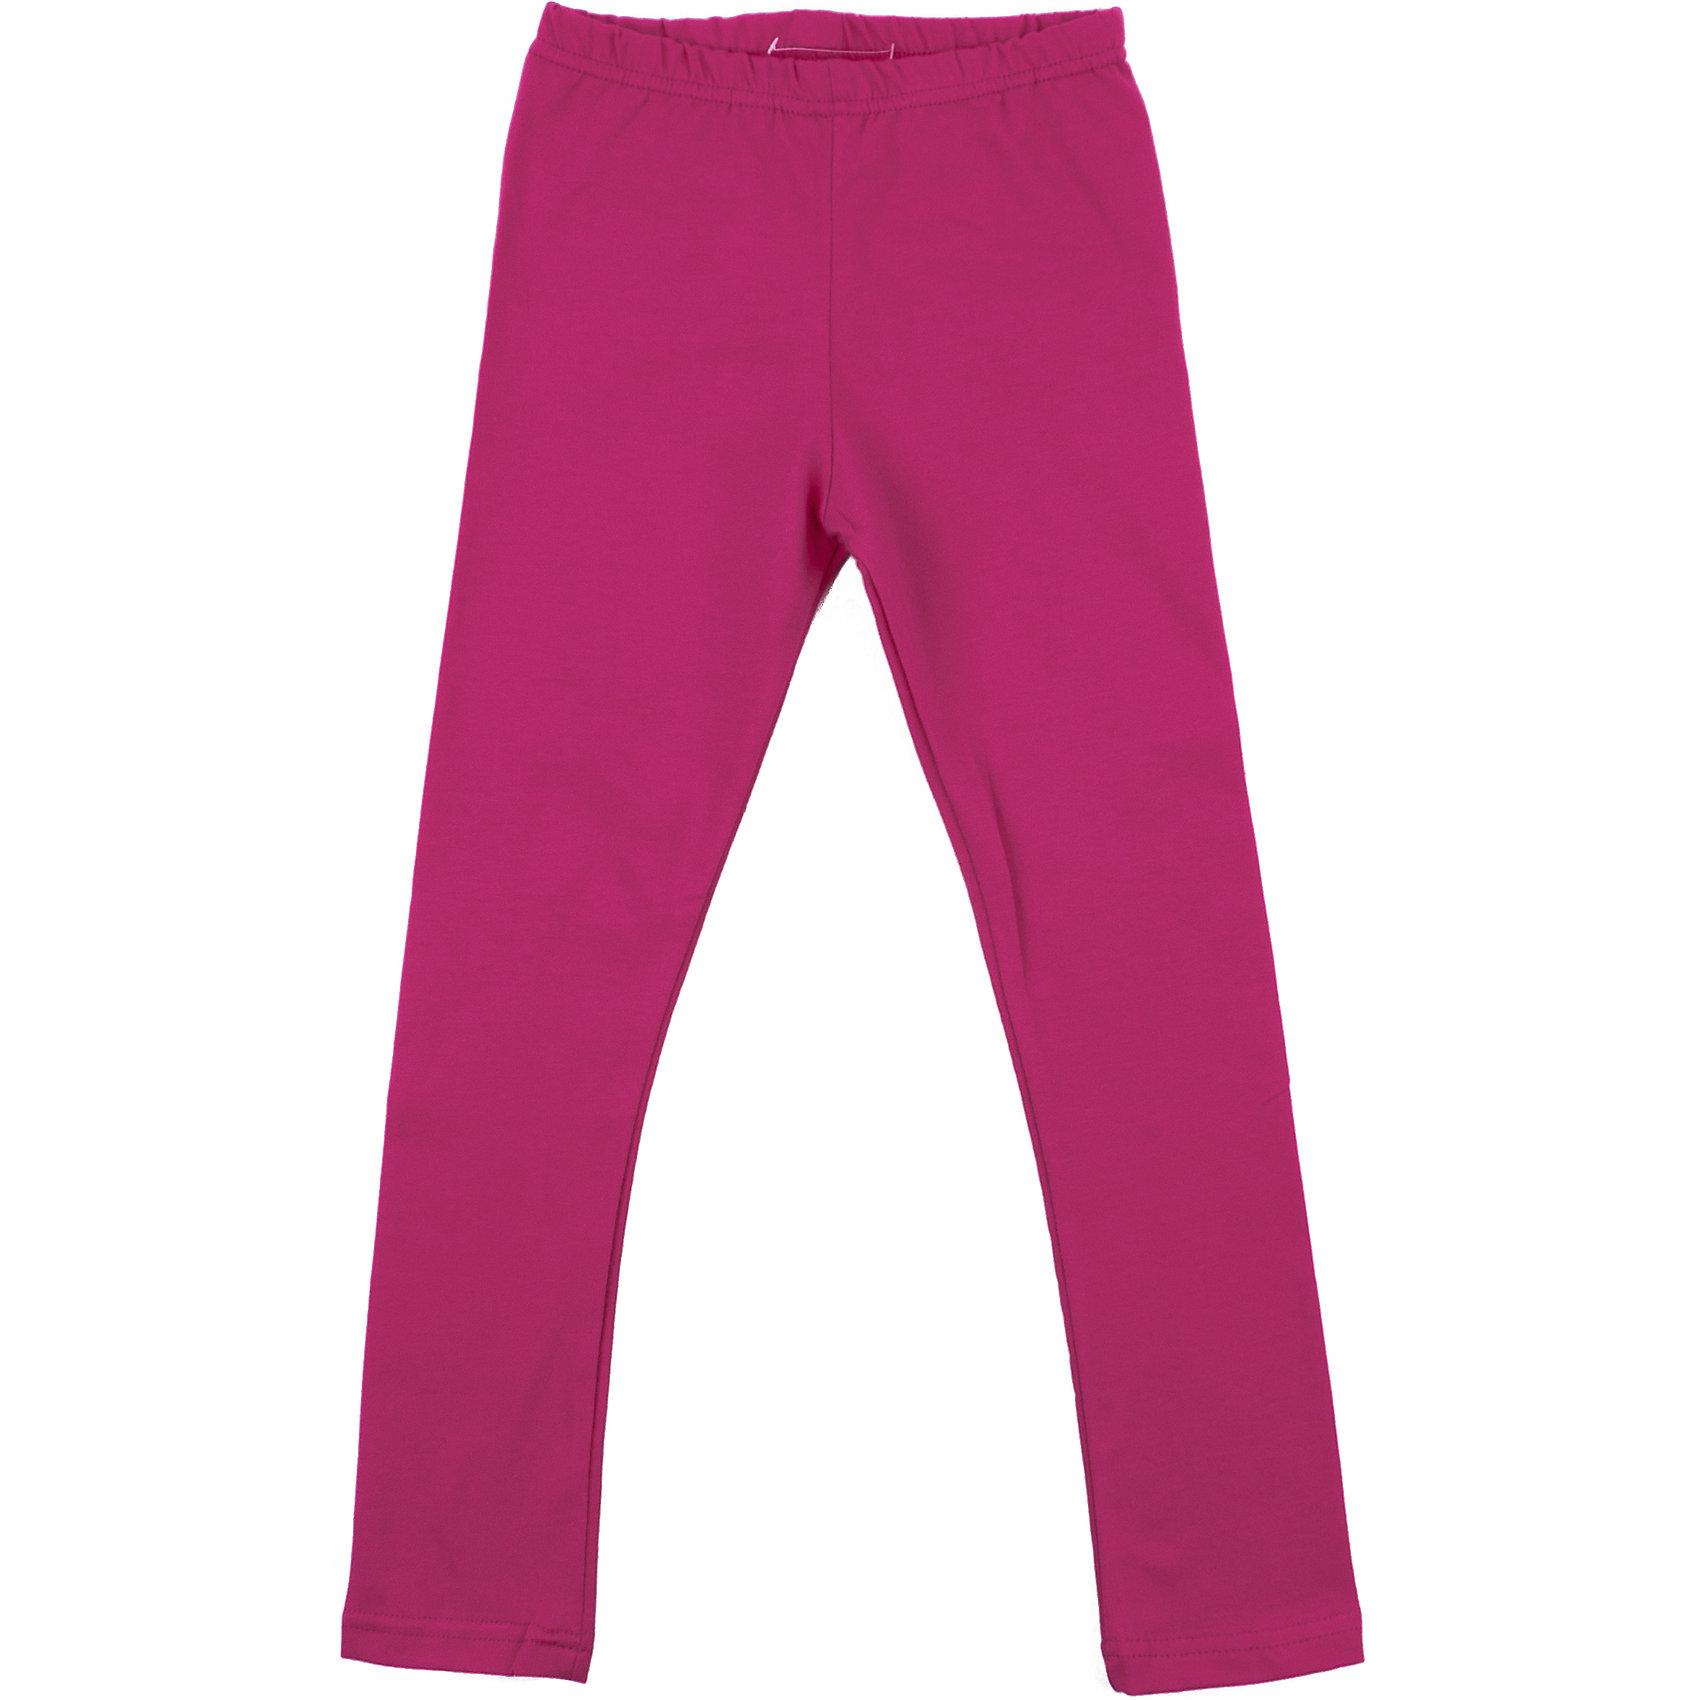 Леггинсы для девочки АпрельЯркие и стильные розовые леггинсы для девочки от торговой марки Апрель. Модель из хлопка с добавлением лайкры, обеспечивает комфортную температуру и максимальную свободу движения. Такой материал идеален для ношения в летнюю пору или в теплом помещении - он дает телу ребенка дышать и хорошо облегая тело. Леггинсы из кулира очень легкие и не стесняют движений при активных играх, их резинка не передавливает животик девочки. Модель прекрасно сочетается с удлиненными футболками, туниками или платьями.<br><br>Дополнительная информация: <br><br>- цвет: малиновый<br>- состав: хлопок 95%,лайкра 5%<br>- параметры брючин: ширина брючин - низ: 13 см; высота посадки: 13.5 см; длина по внутреннему шву: 28.5 см<br>- фактура материала: трикотажный<br>- тип посадки: средняя посадка<br>- тип карманов: без карманов<br>- по назначению: повседневный стиль<br>- сезон: круглогодичный<br>- пол: девочки<br>- фирма-производитель: Апрель<br>- страна производитель: Россия<br>- комплектация: леггинсы<br><br>Леггинсы для девочки  торговой марки Апрель можно купить в нашем интернет-магазине.<br><br>Ширина мм: 123<br>Глубина мм: 10<br>Высота мм: 149<br>Вес г: 209<br>Цвет: коралловый<br>Возраст от месяцев: 72<br>Возраст до месяцев: 84<br>Пол: Женский<br>Возраст: Детский<br>Размер: 146,140,134,122,128,116<br>SKU: 4630765